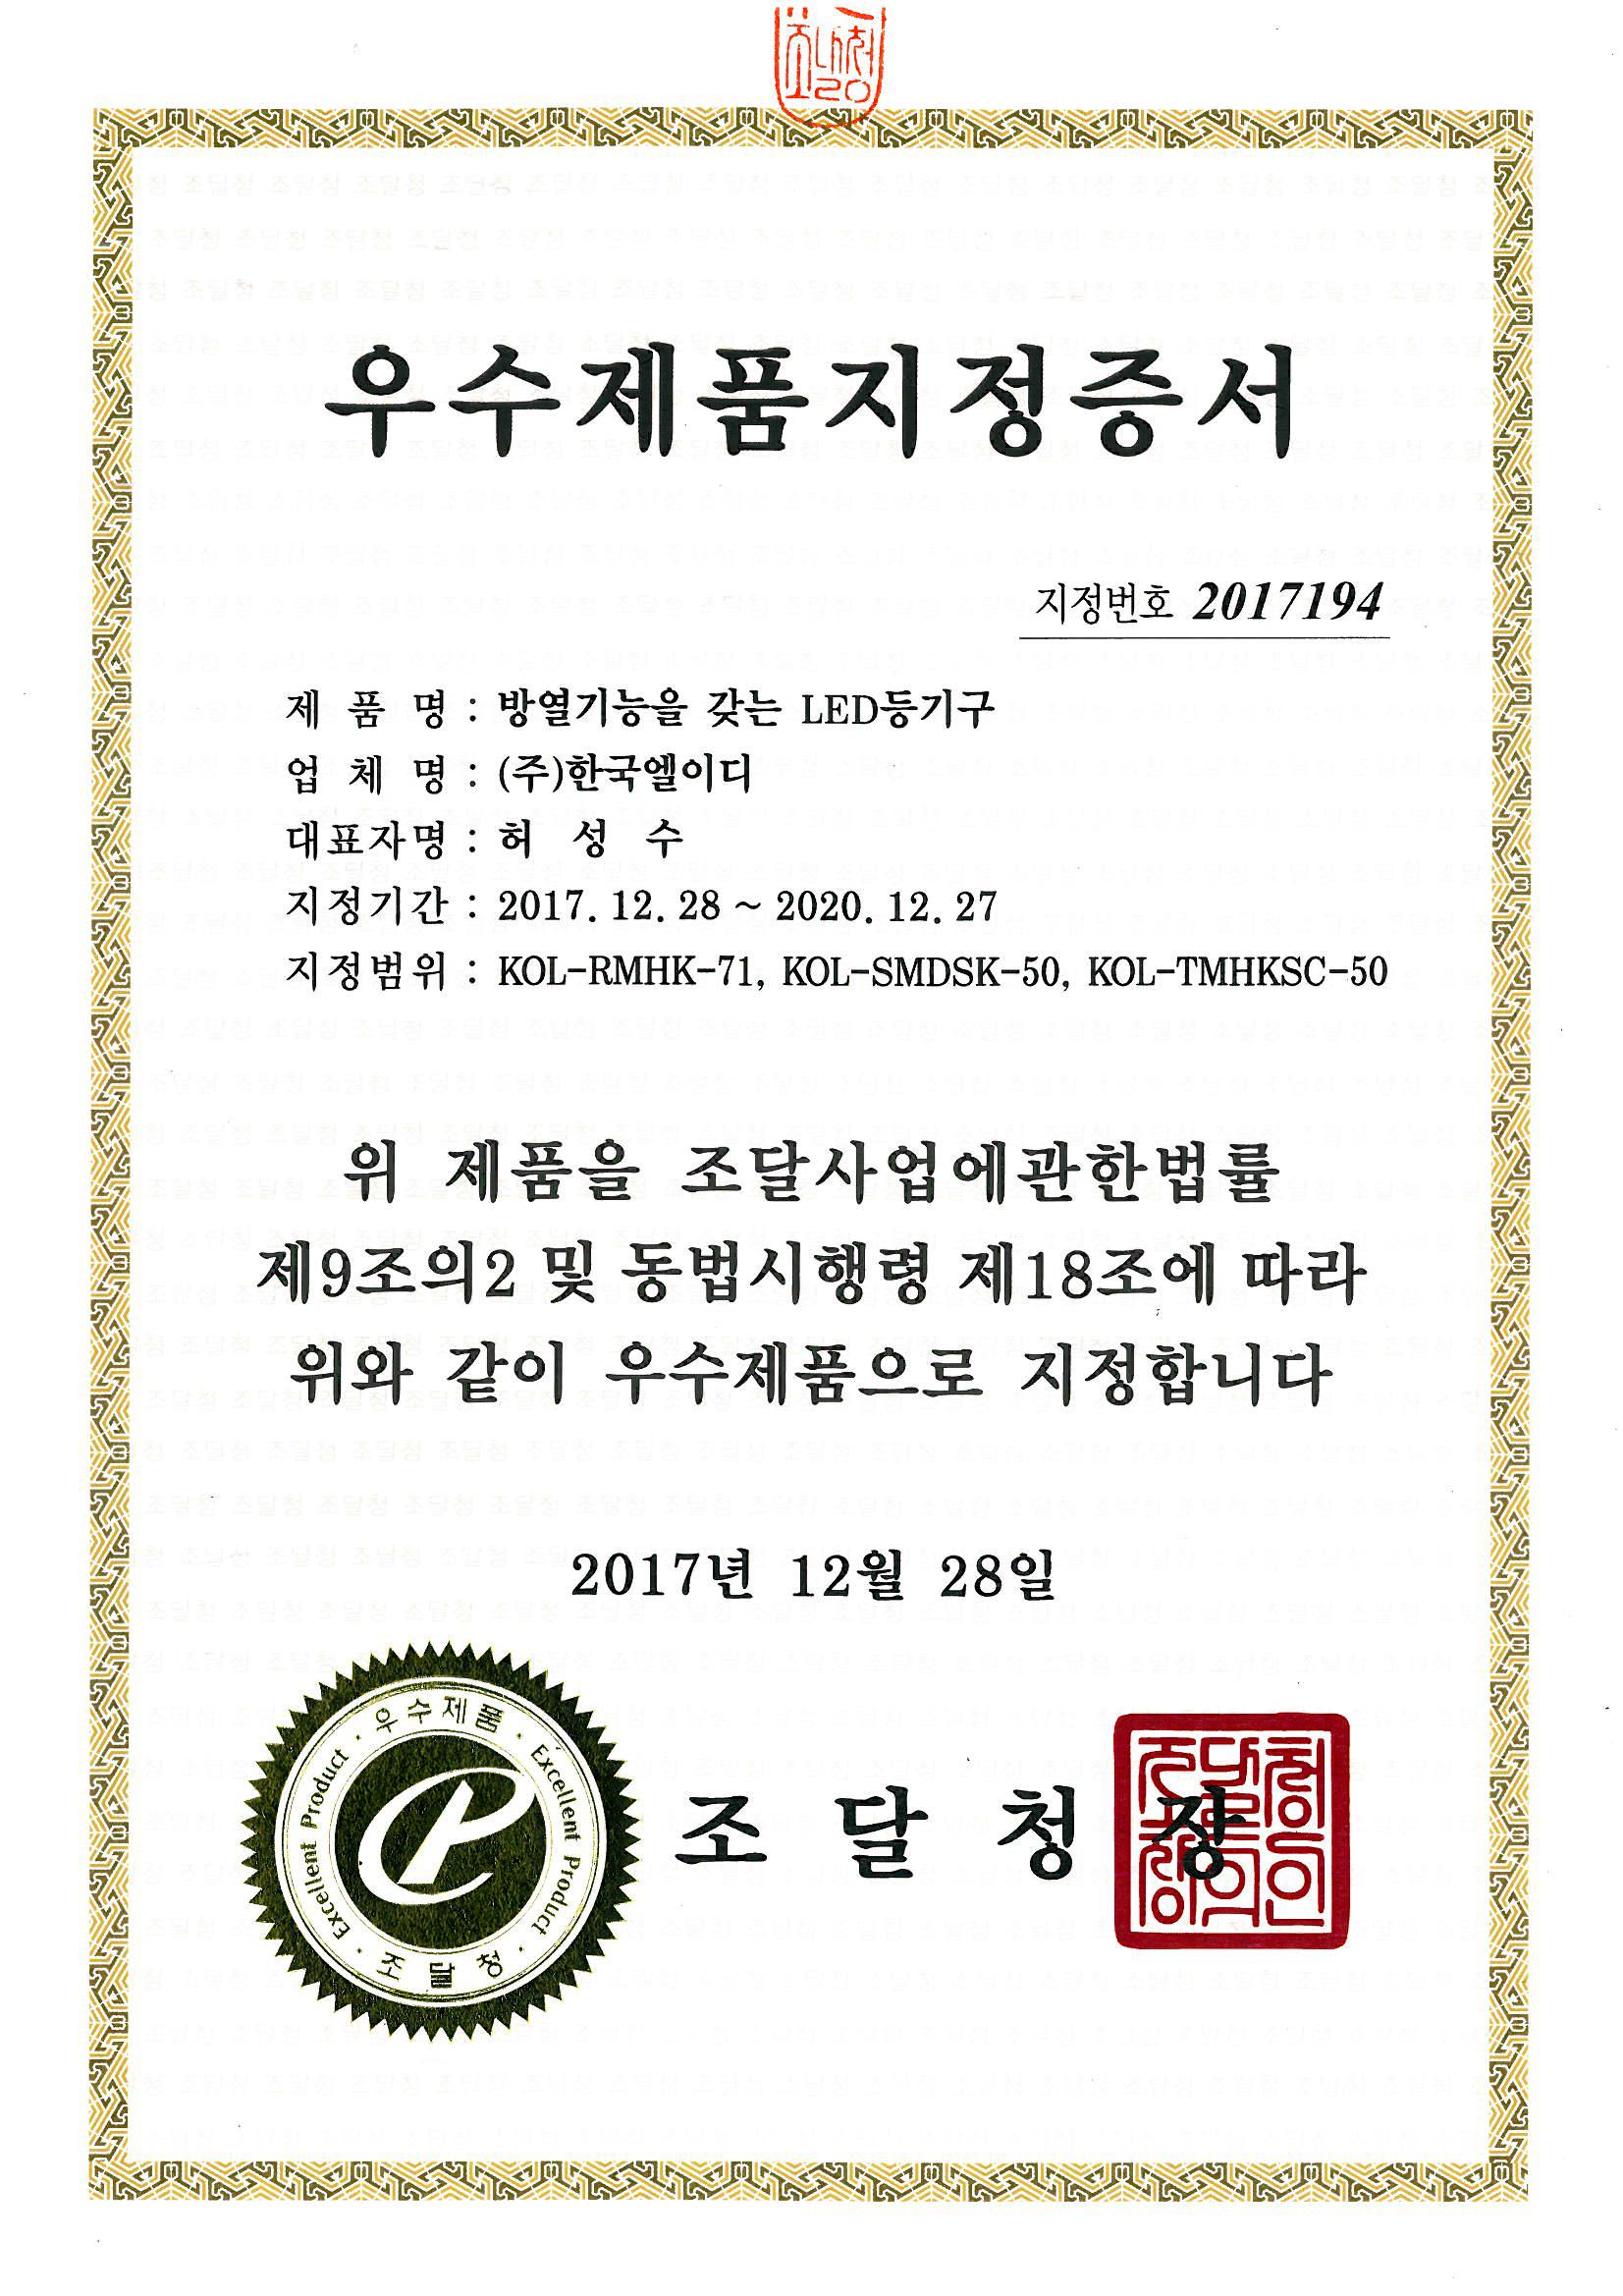 한국엘이디_우수조달제품인증서